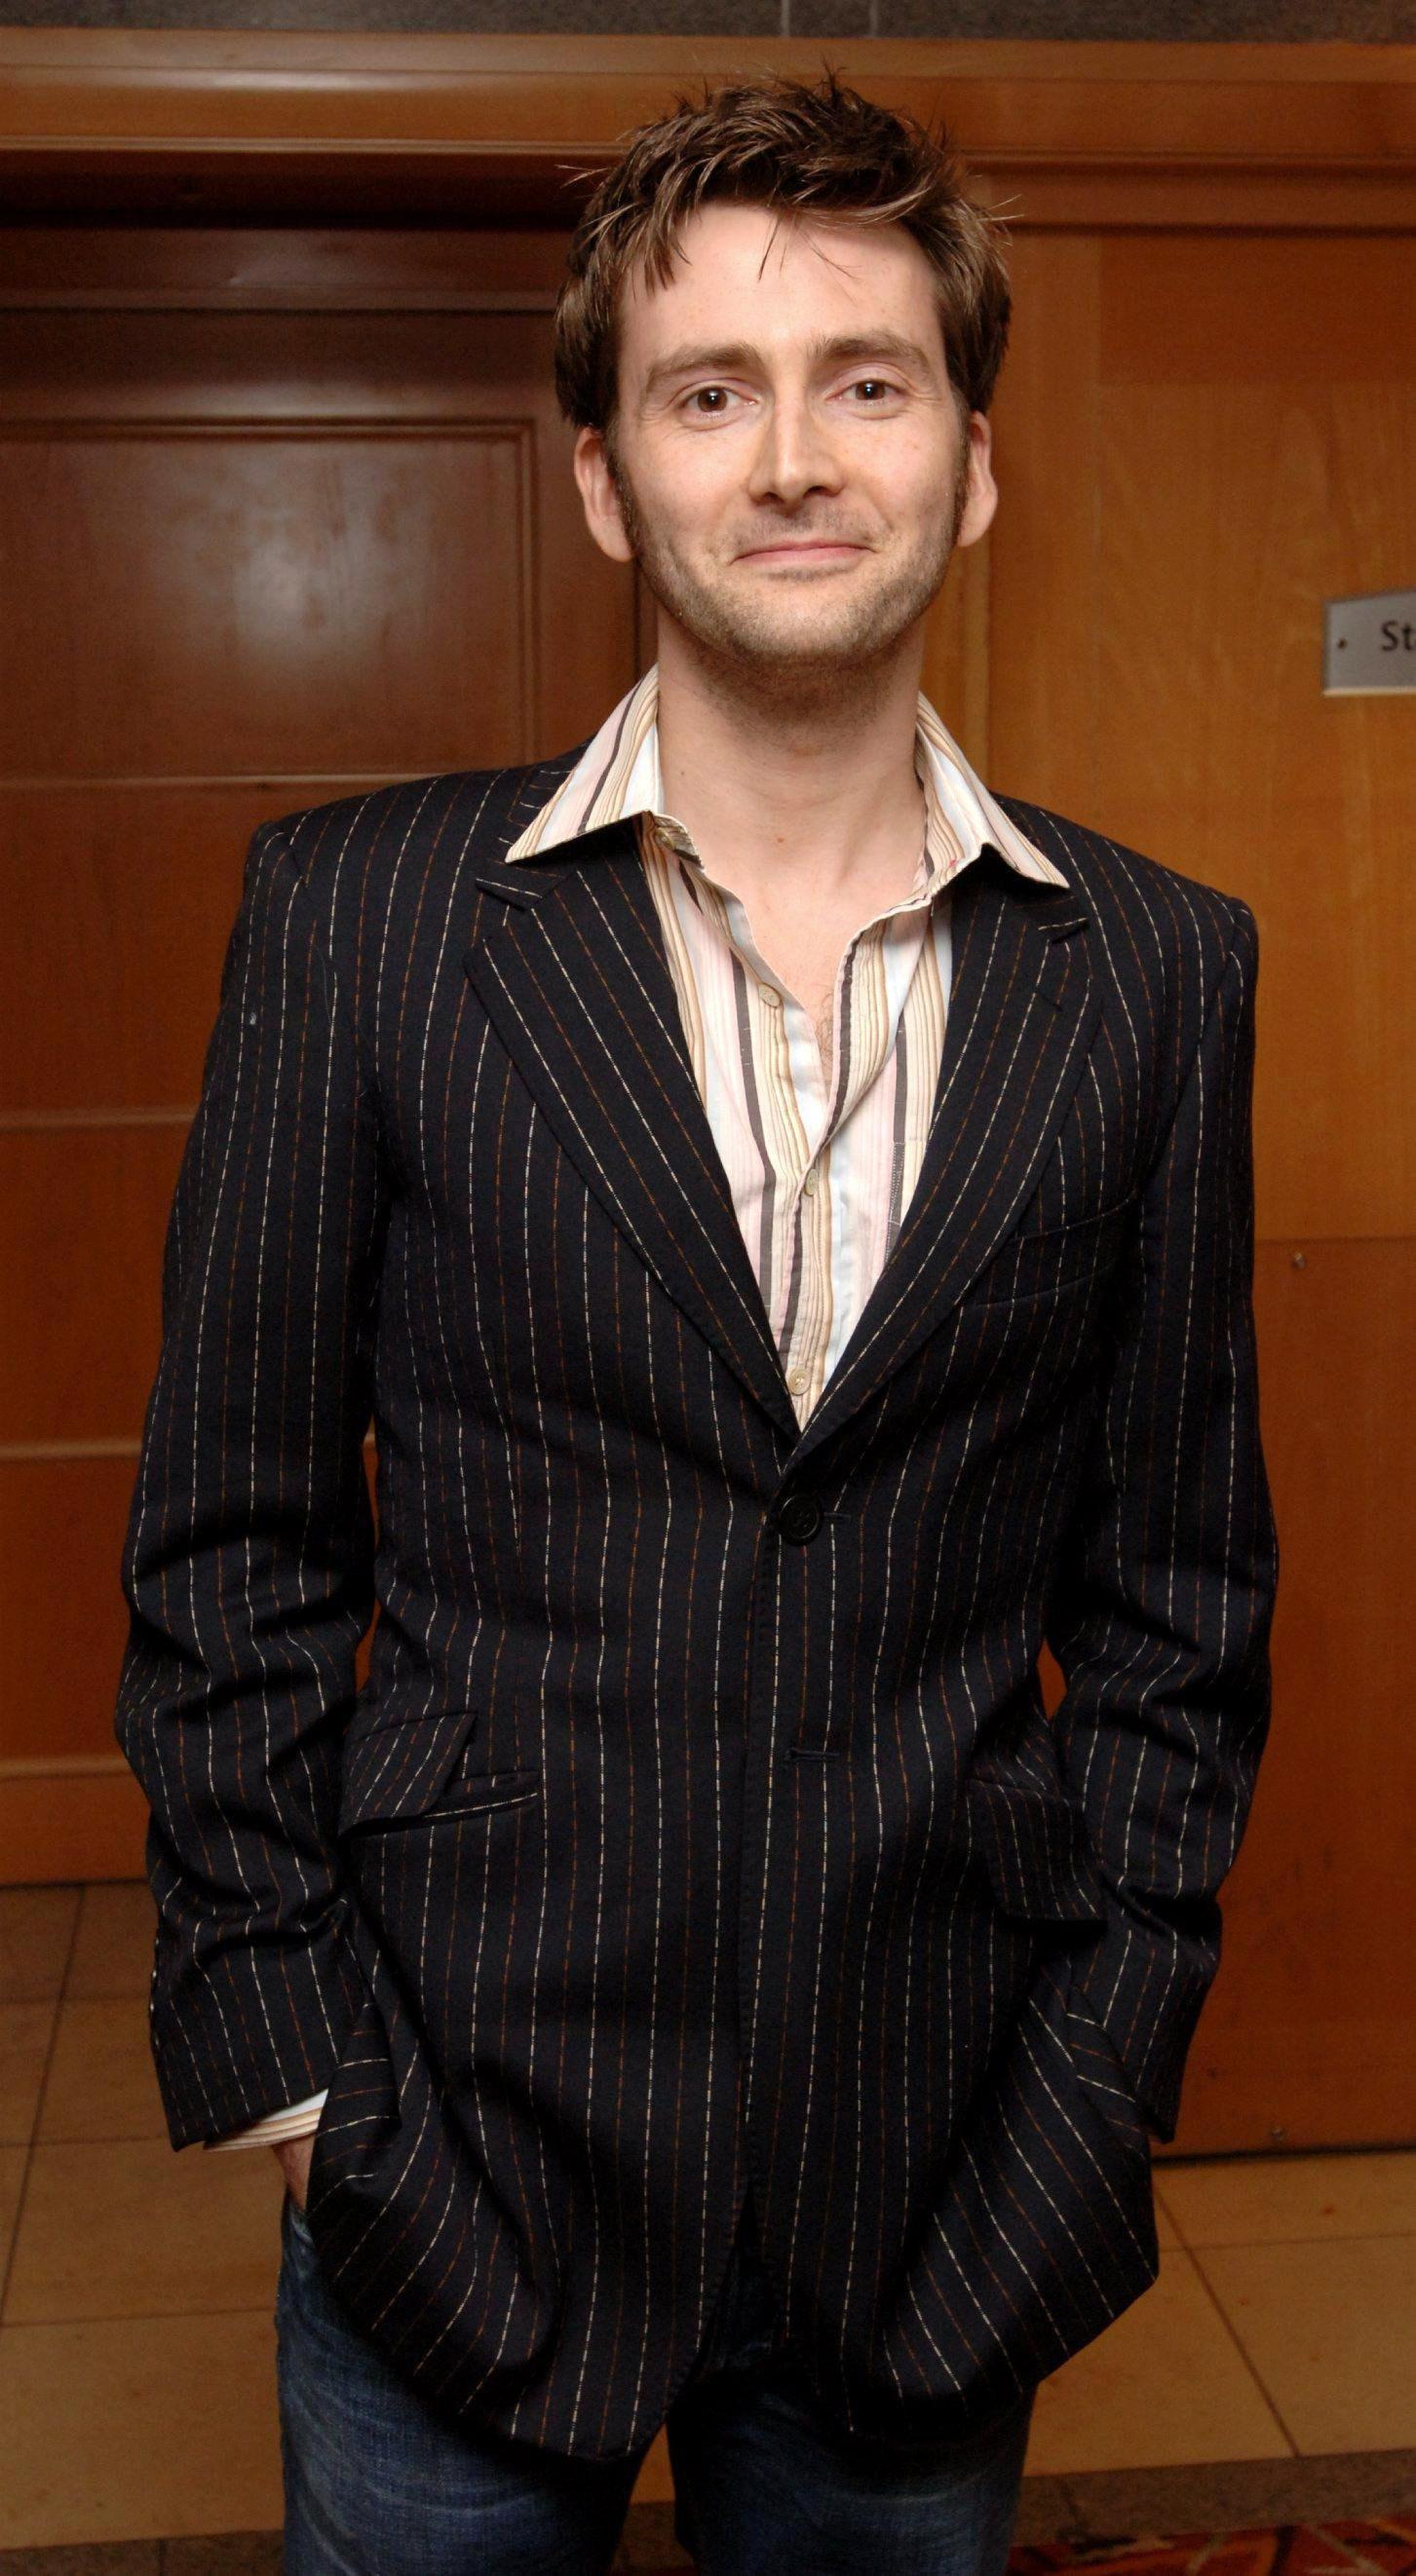 David Tennant, Jude Law to both play Hamlet